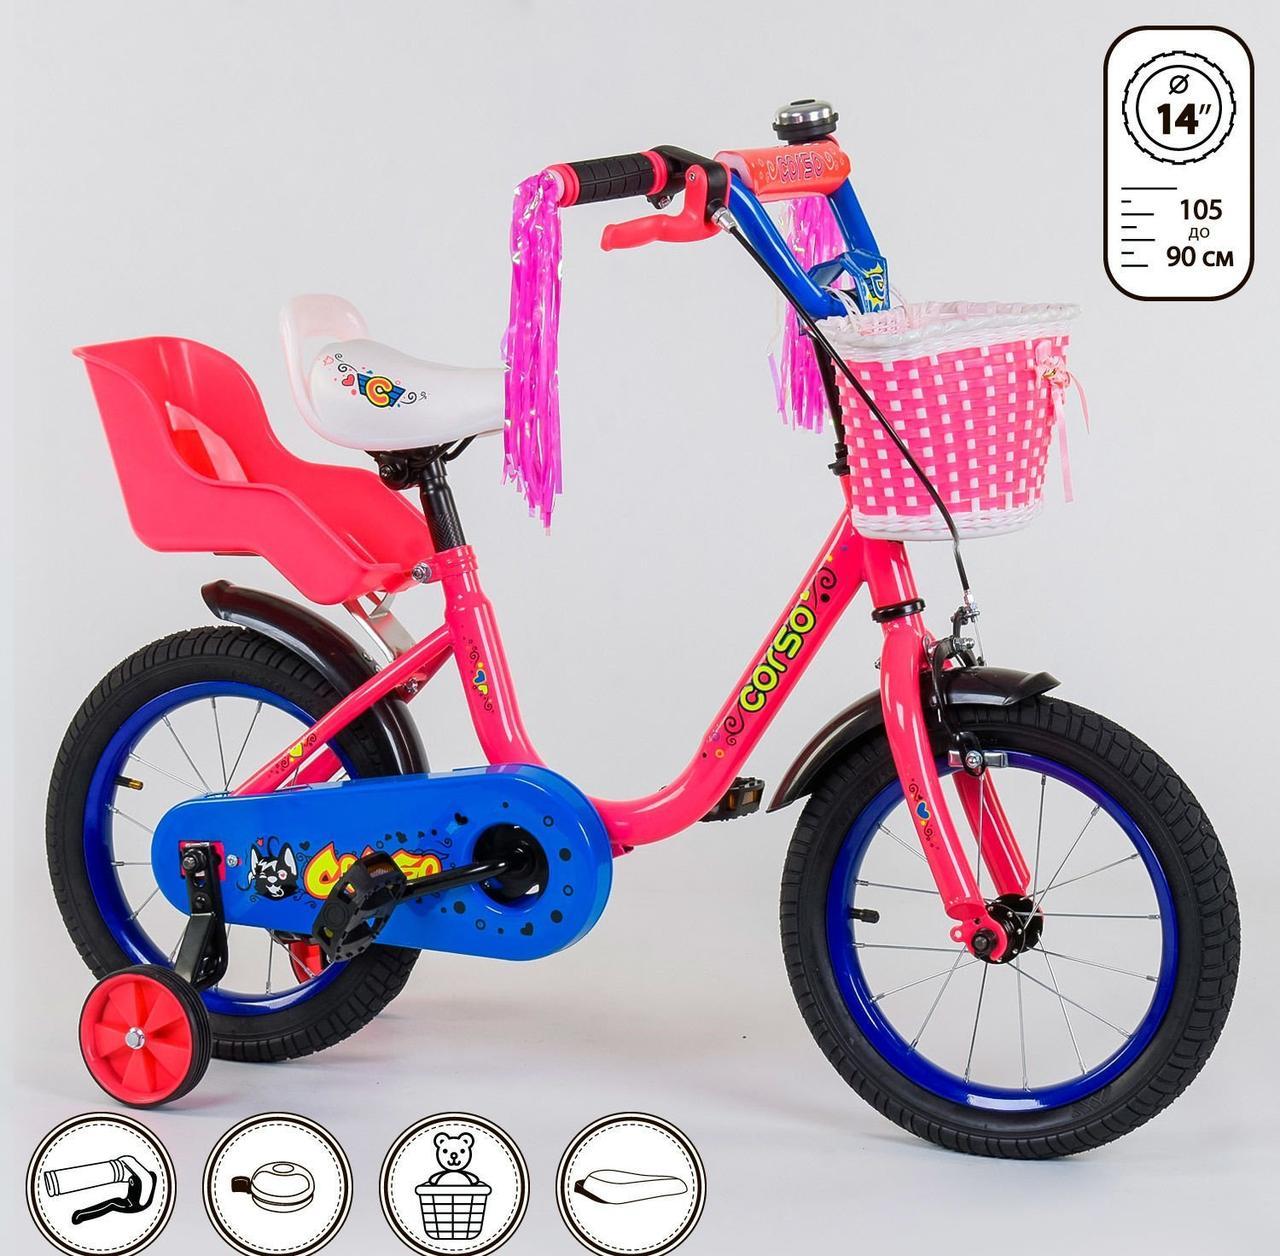 """1489 Велосипед 14"""" дюймов 2-х колёсный """"CORSO"""" новый ручной тормоз, корзинка, звоночек, сидение с ручкой, доп. Колеса"""